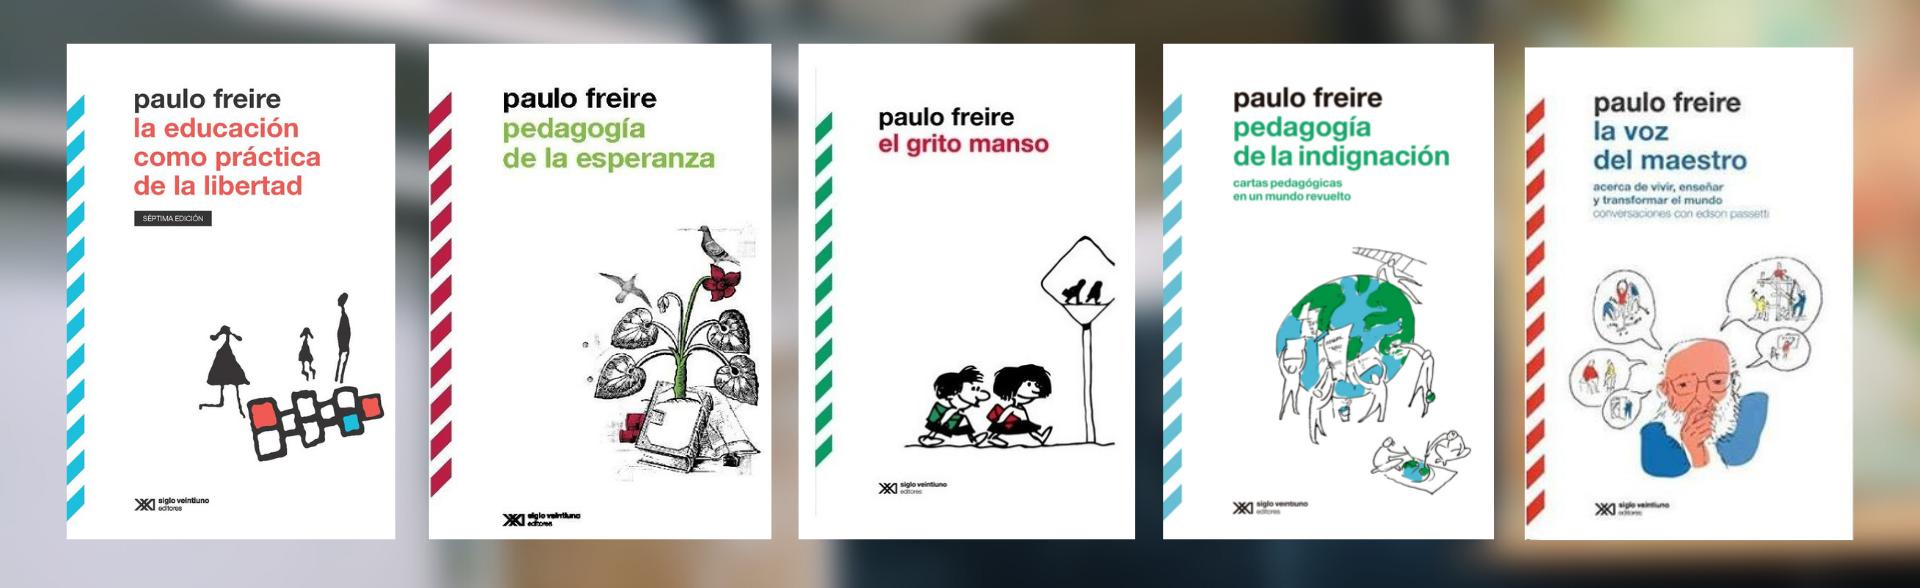 Algunos de los libros que escribió Paulo Freire